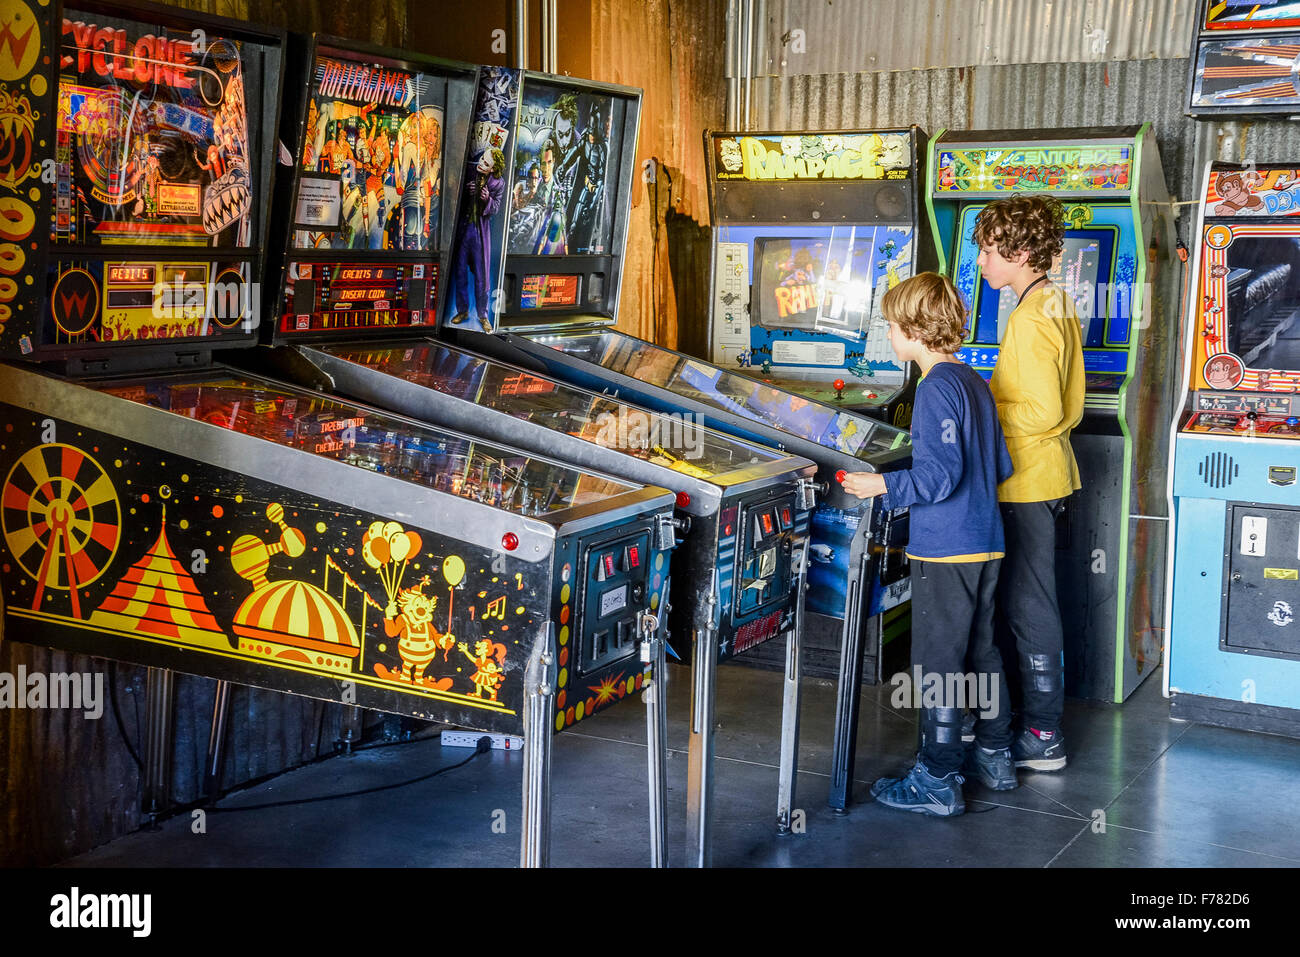 Salle de jeux rétro avec pinball Jeu de machines Photo Stock